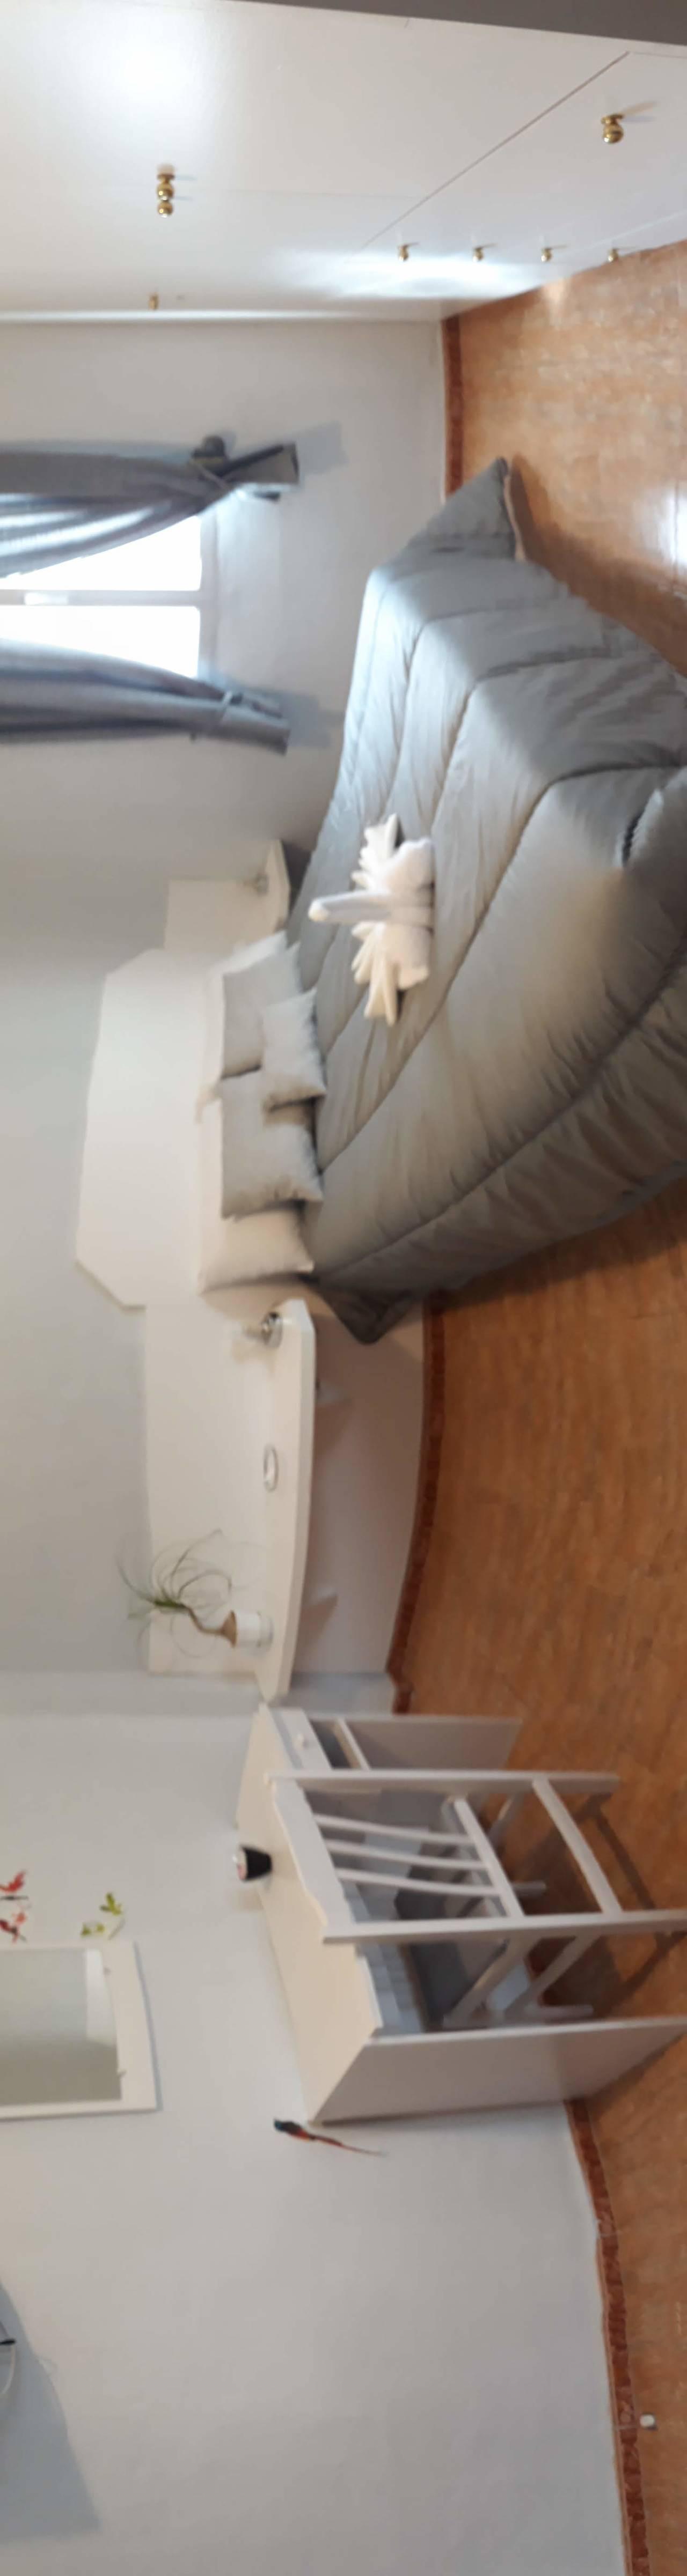 Alquilo dormitorio en casa compartida  - Foto 2